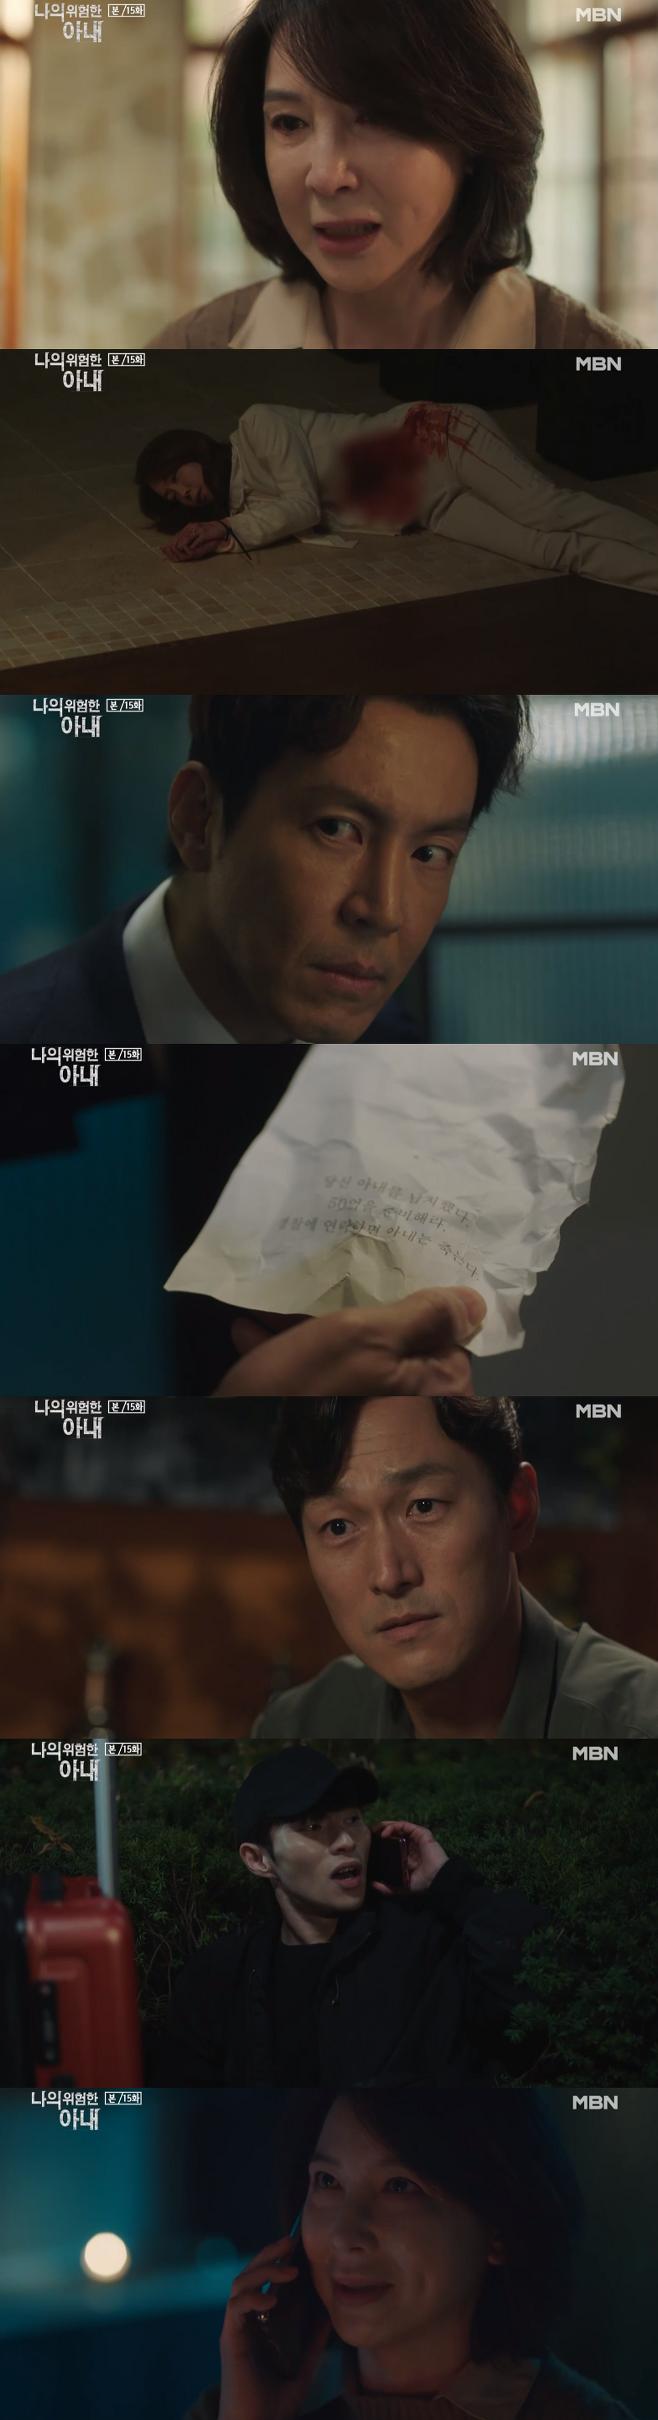 MBN 방송화면 캡처